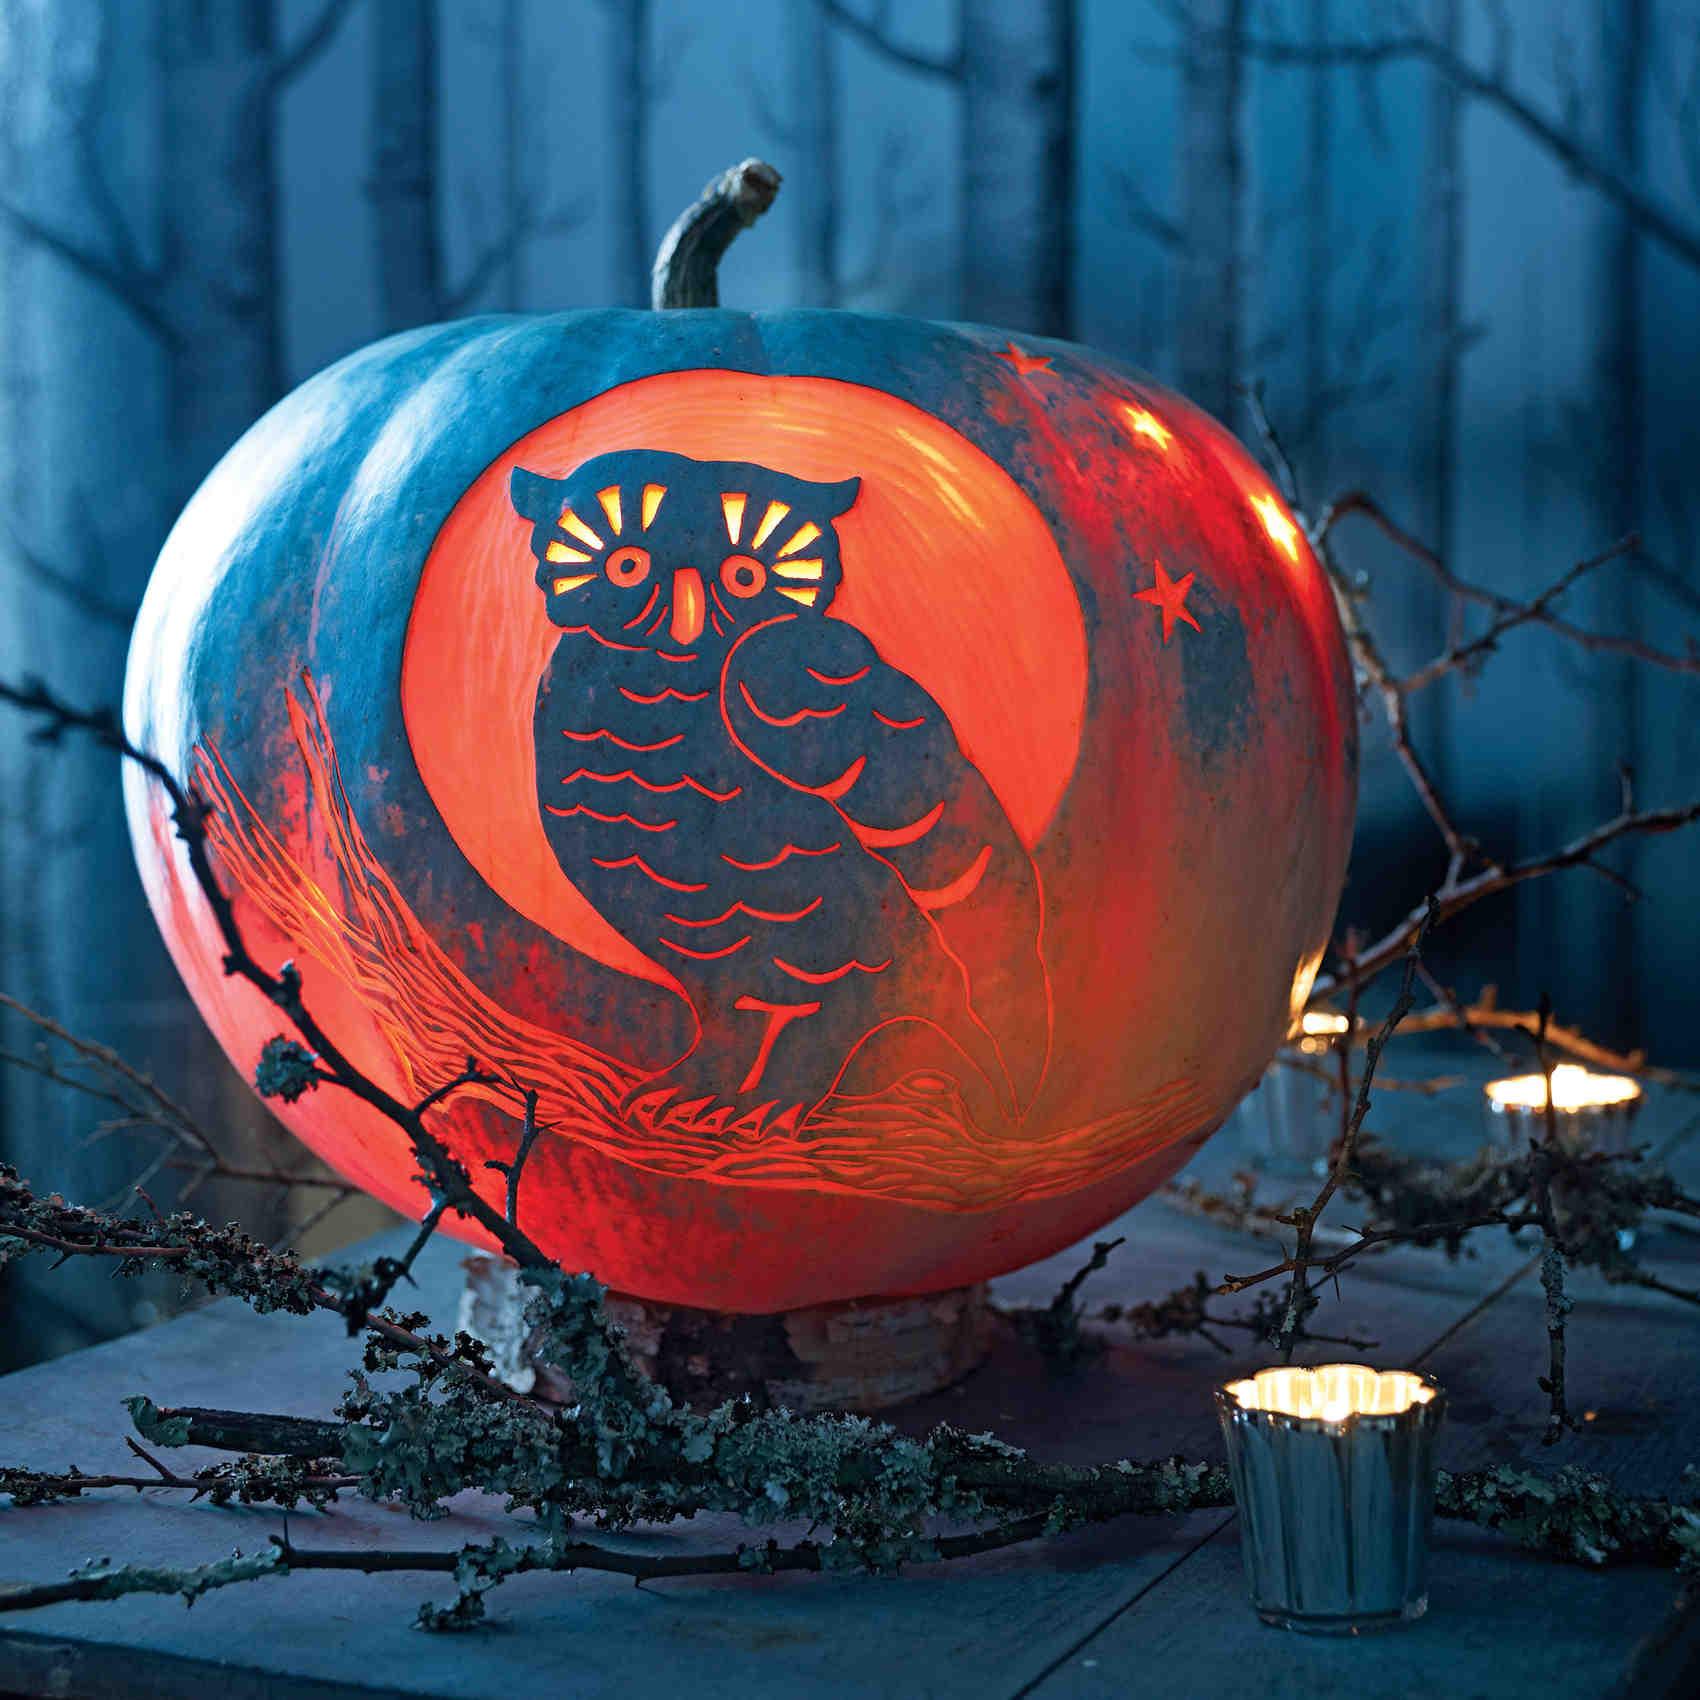 ml105470_1010_owl147_owl_pumpkin.jpg